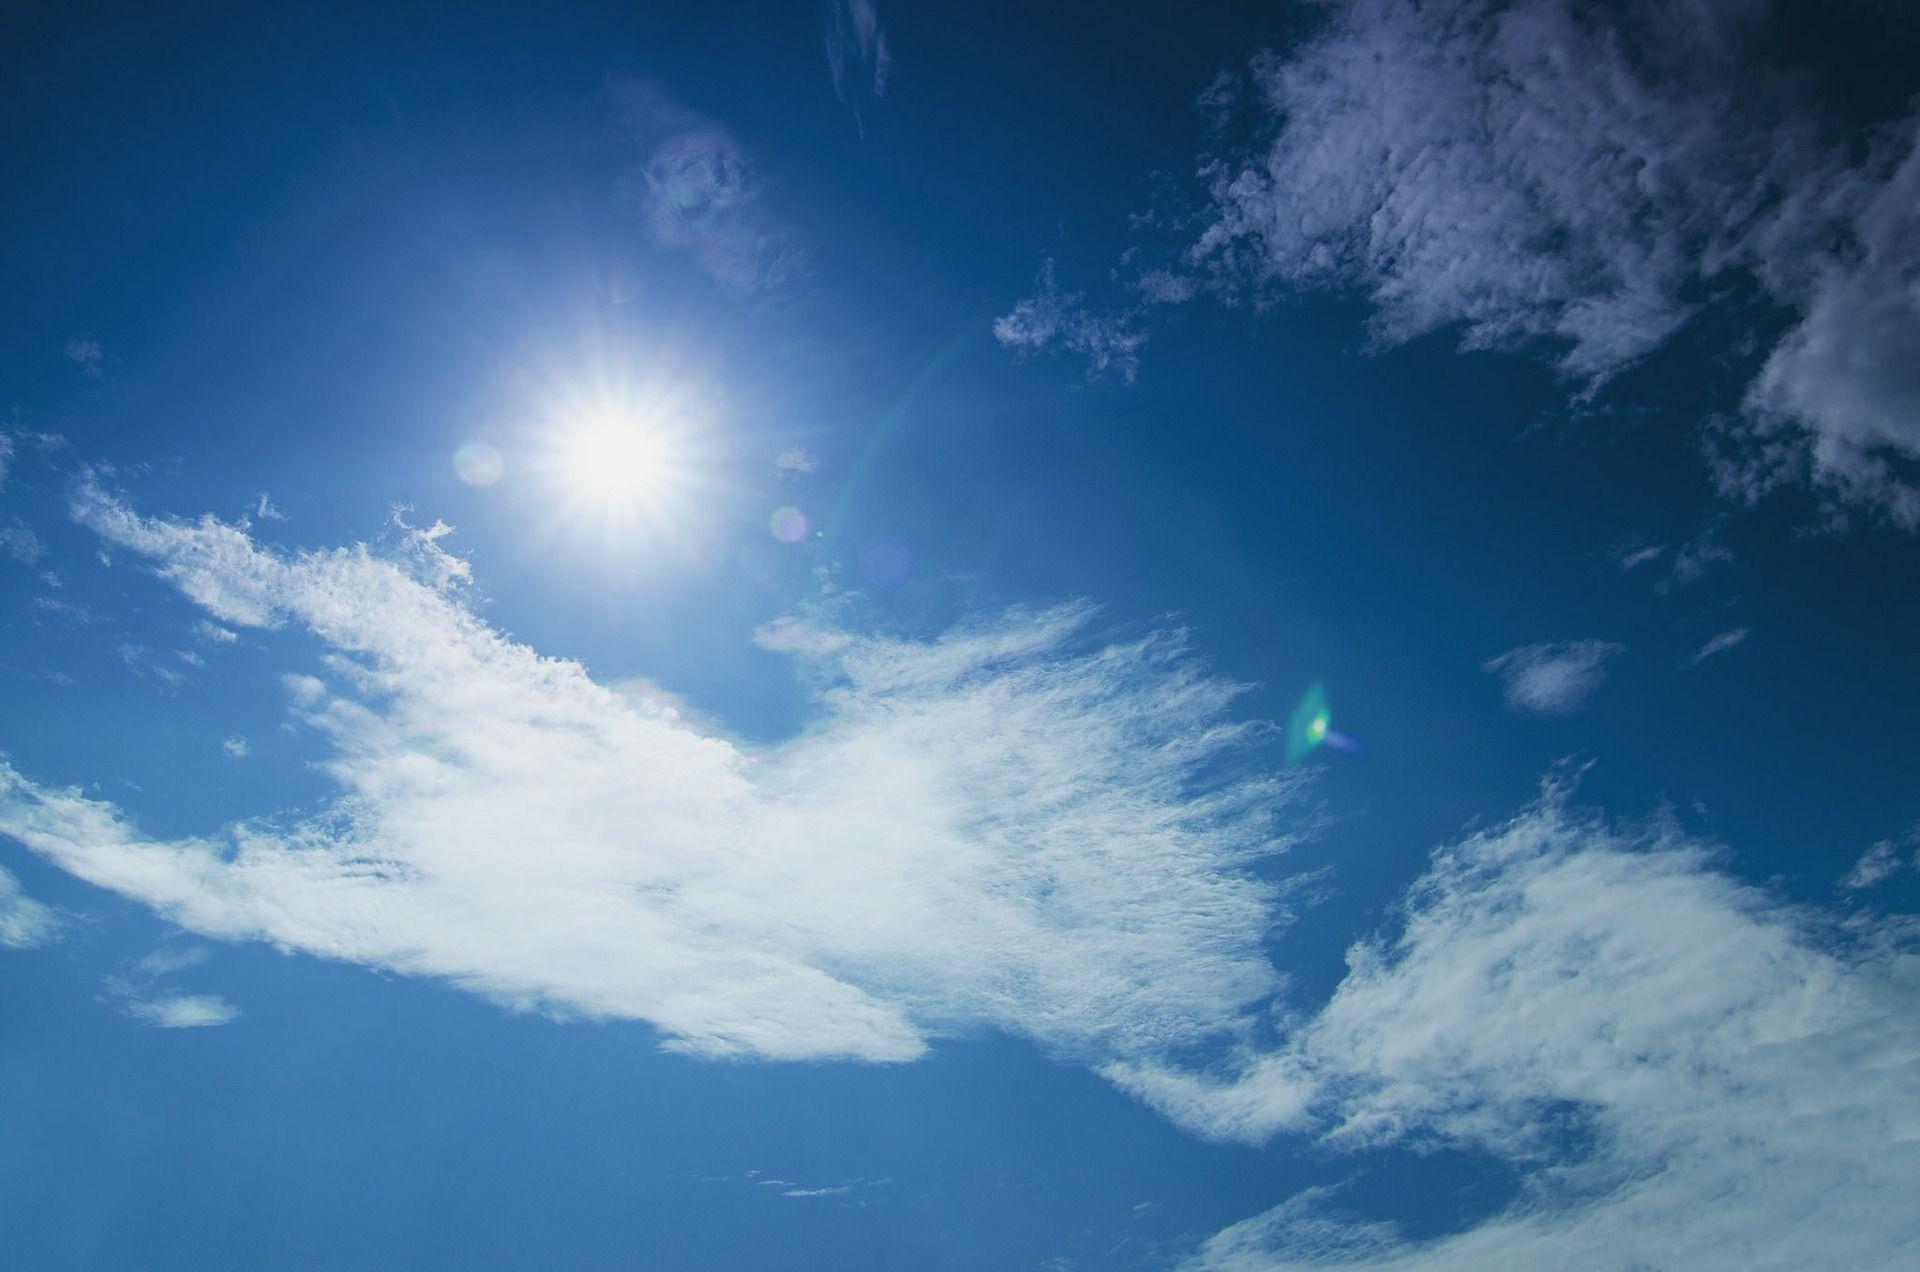 sunlight-422710_1920.jpg